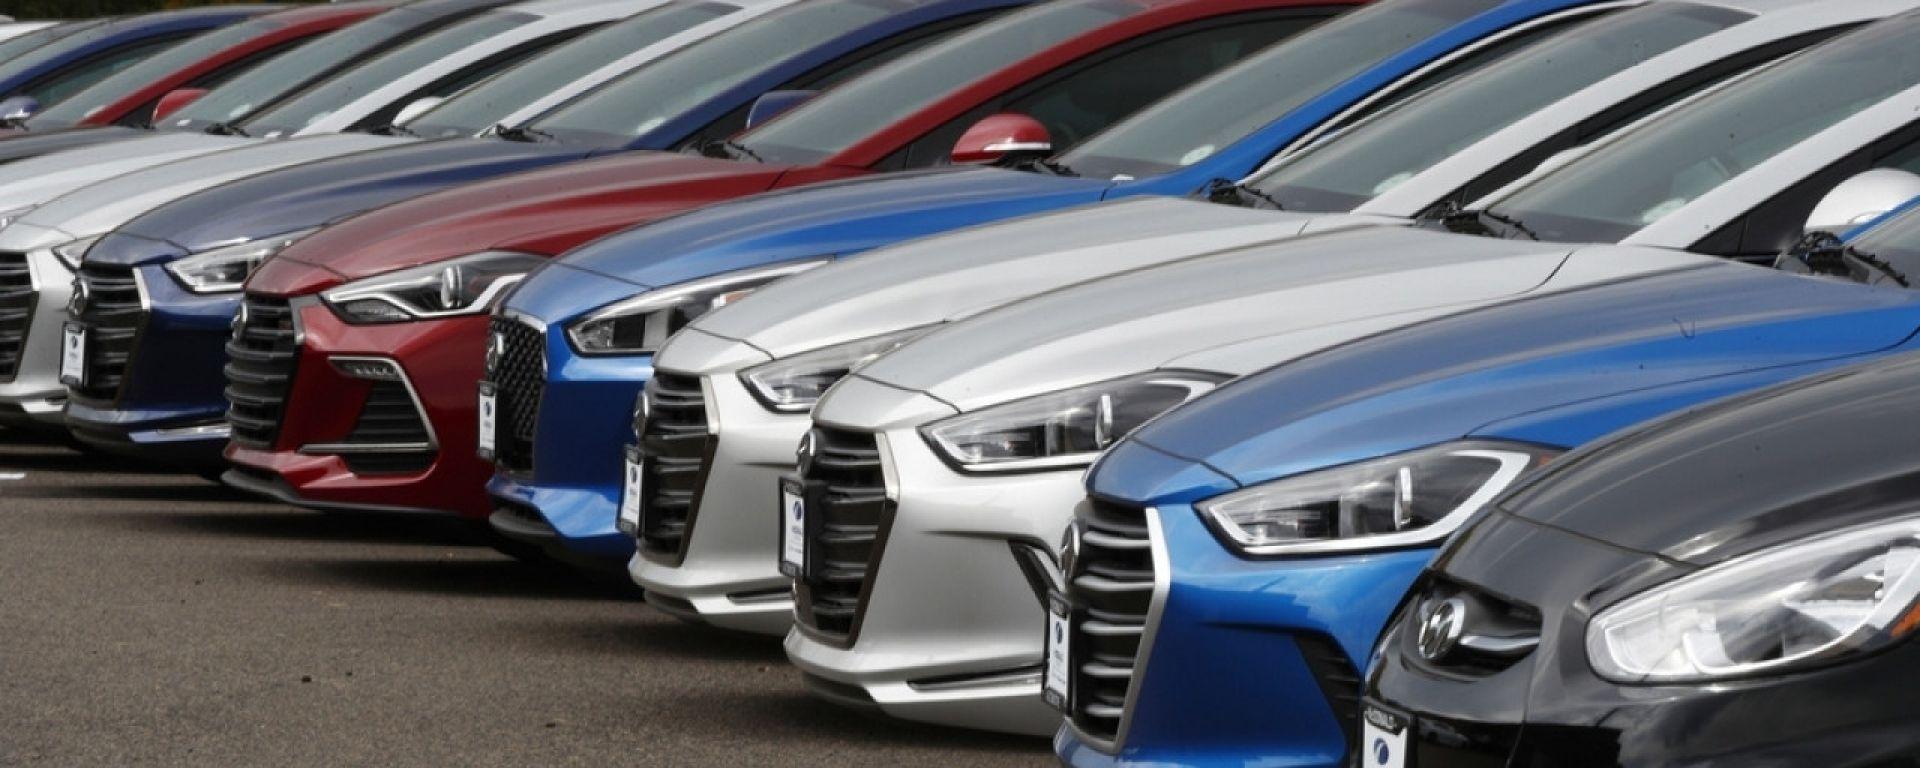 Mercato auto marzo 2019, vendite ancora al ribasso